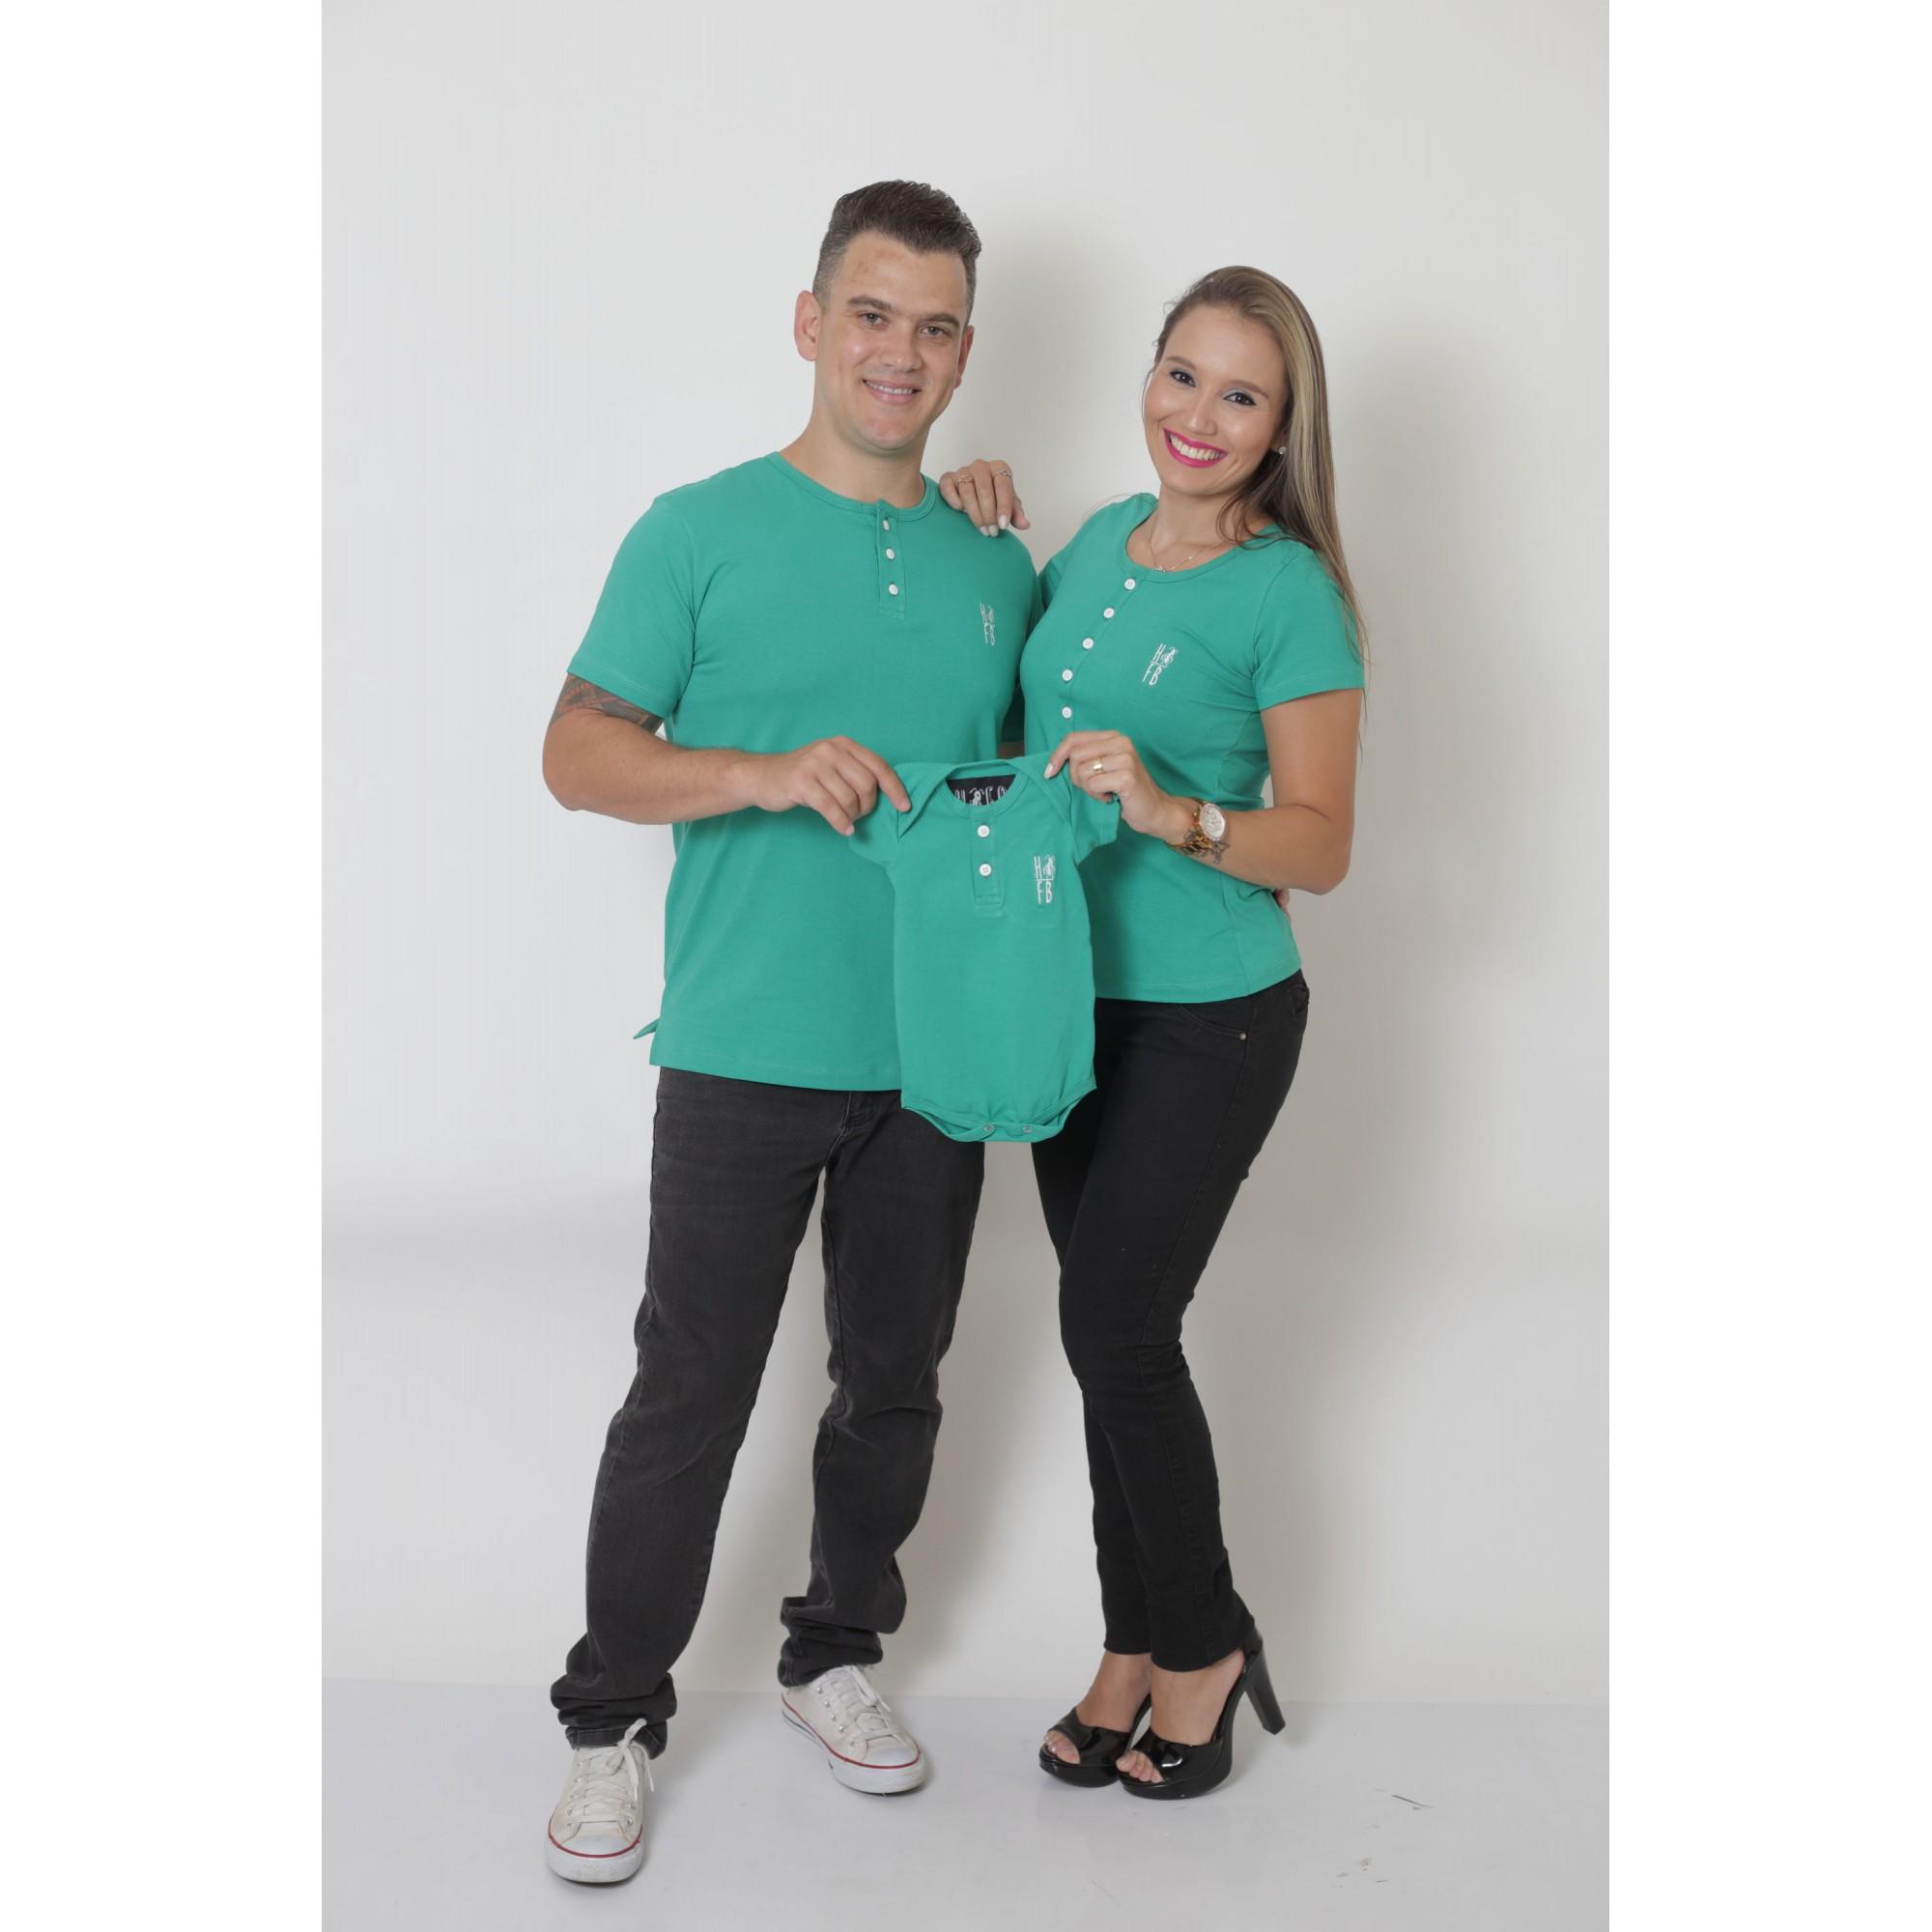 PAIS E FILHOS > Kit 3 Peças - T-Shirts + Body Unissex Henley - Verde Jade [Coleção Família]  - Heitor Fashion Brazil